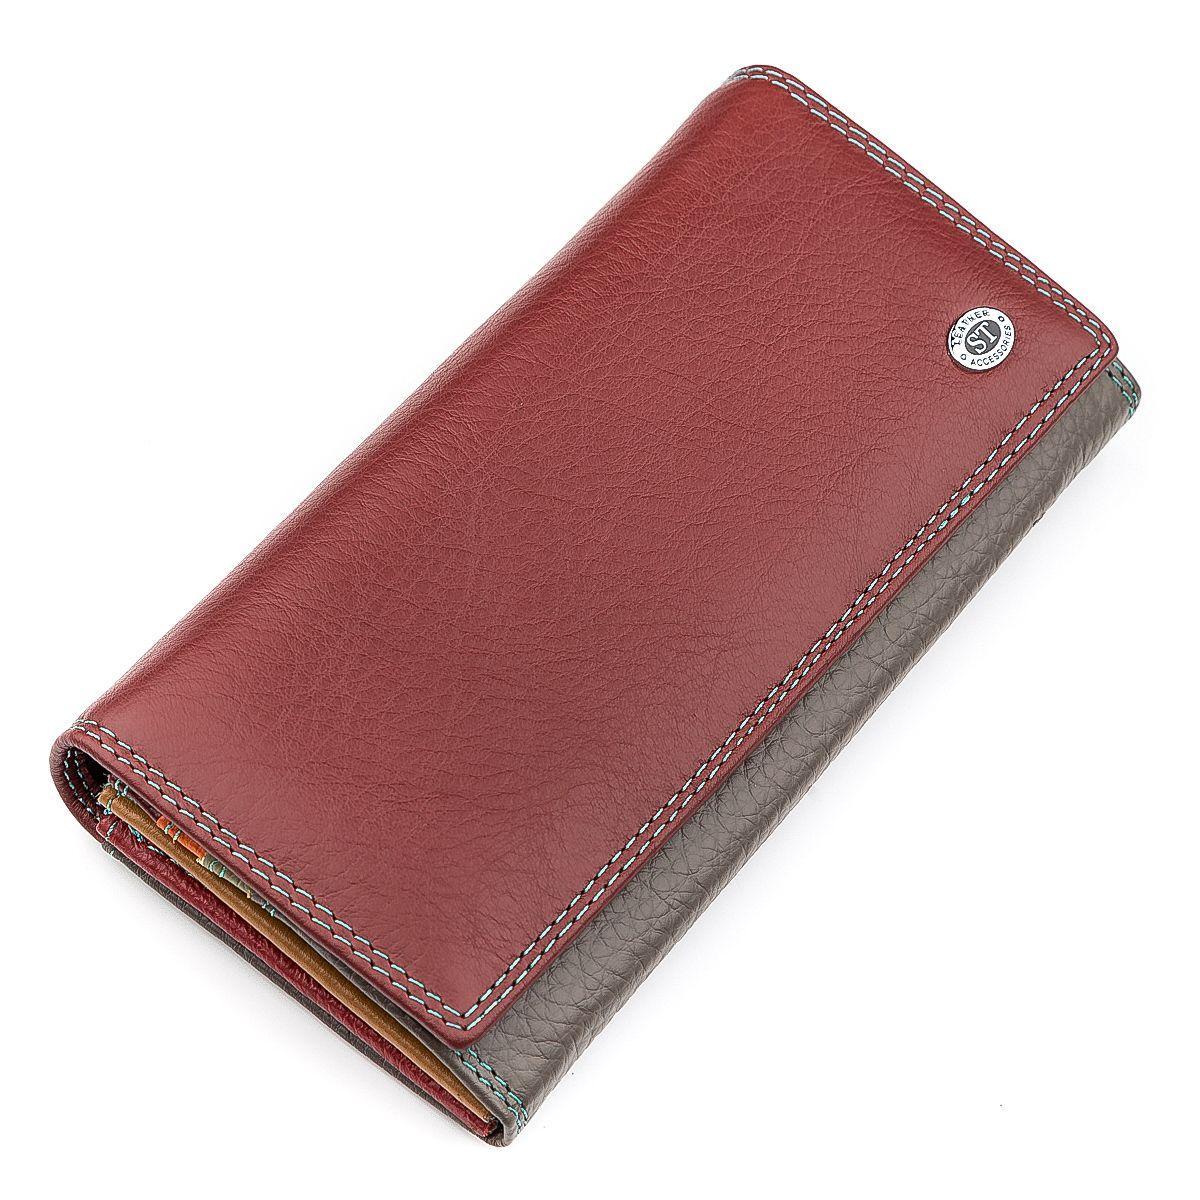 Кошелек женский ST Leather 18363 (SB634) кожа бордовый